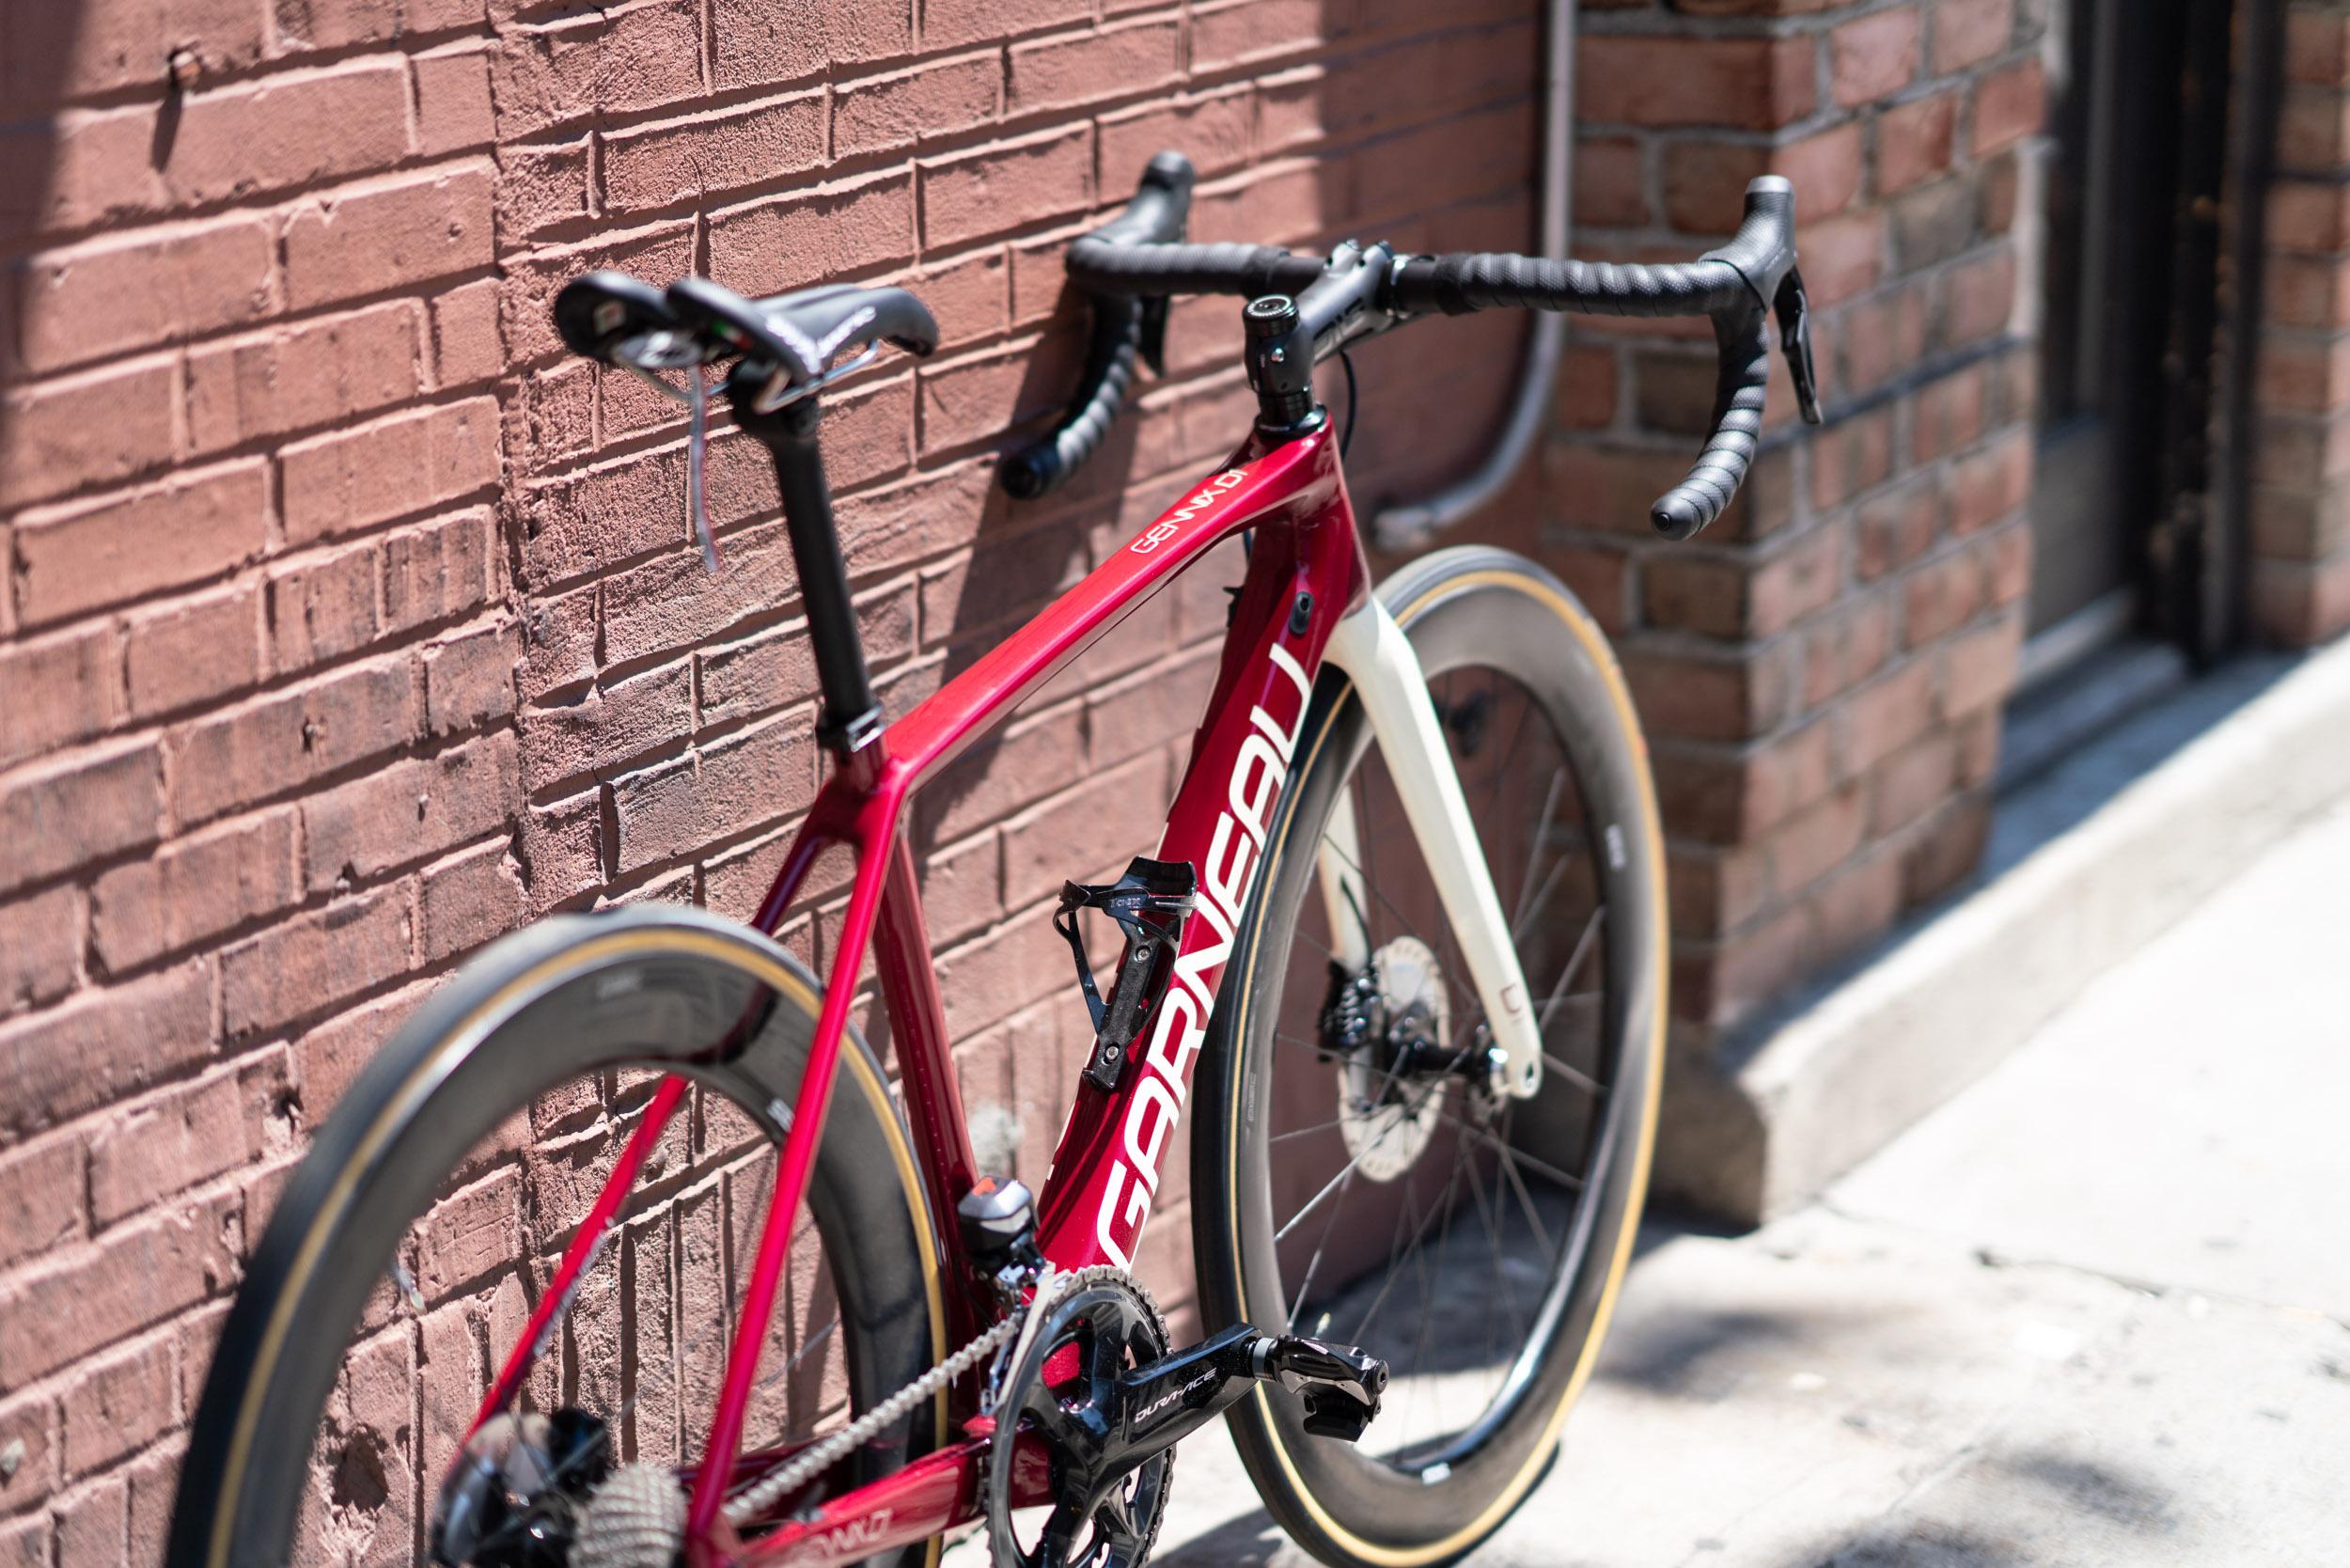 photo-rhetoric-to-be-determined-garneau-d1-blood-bike-1012.jpg